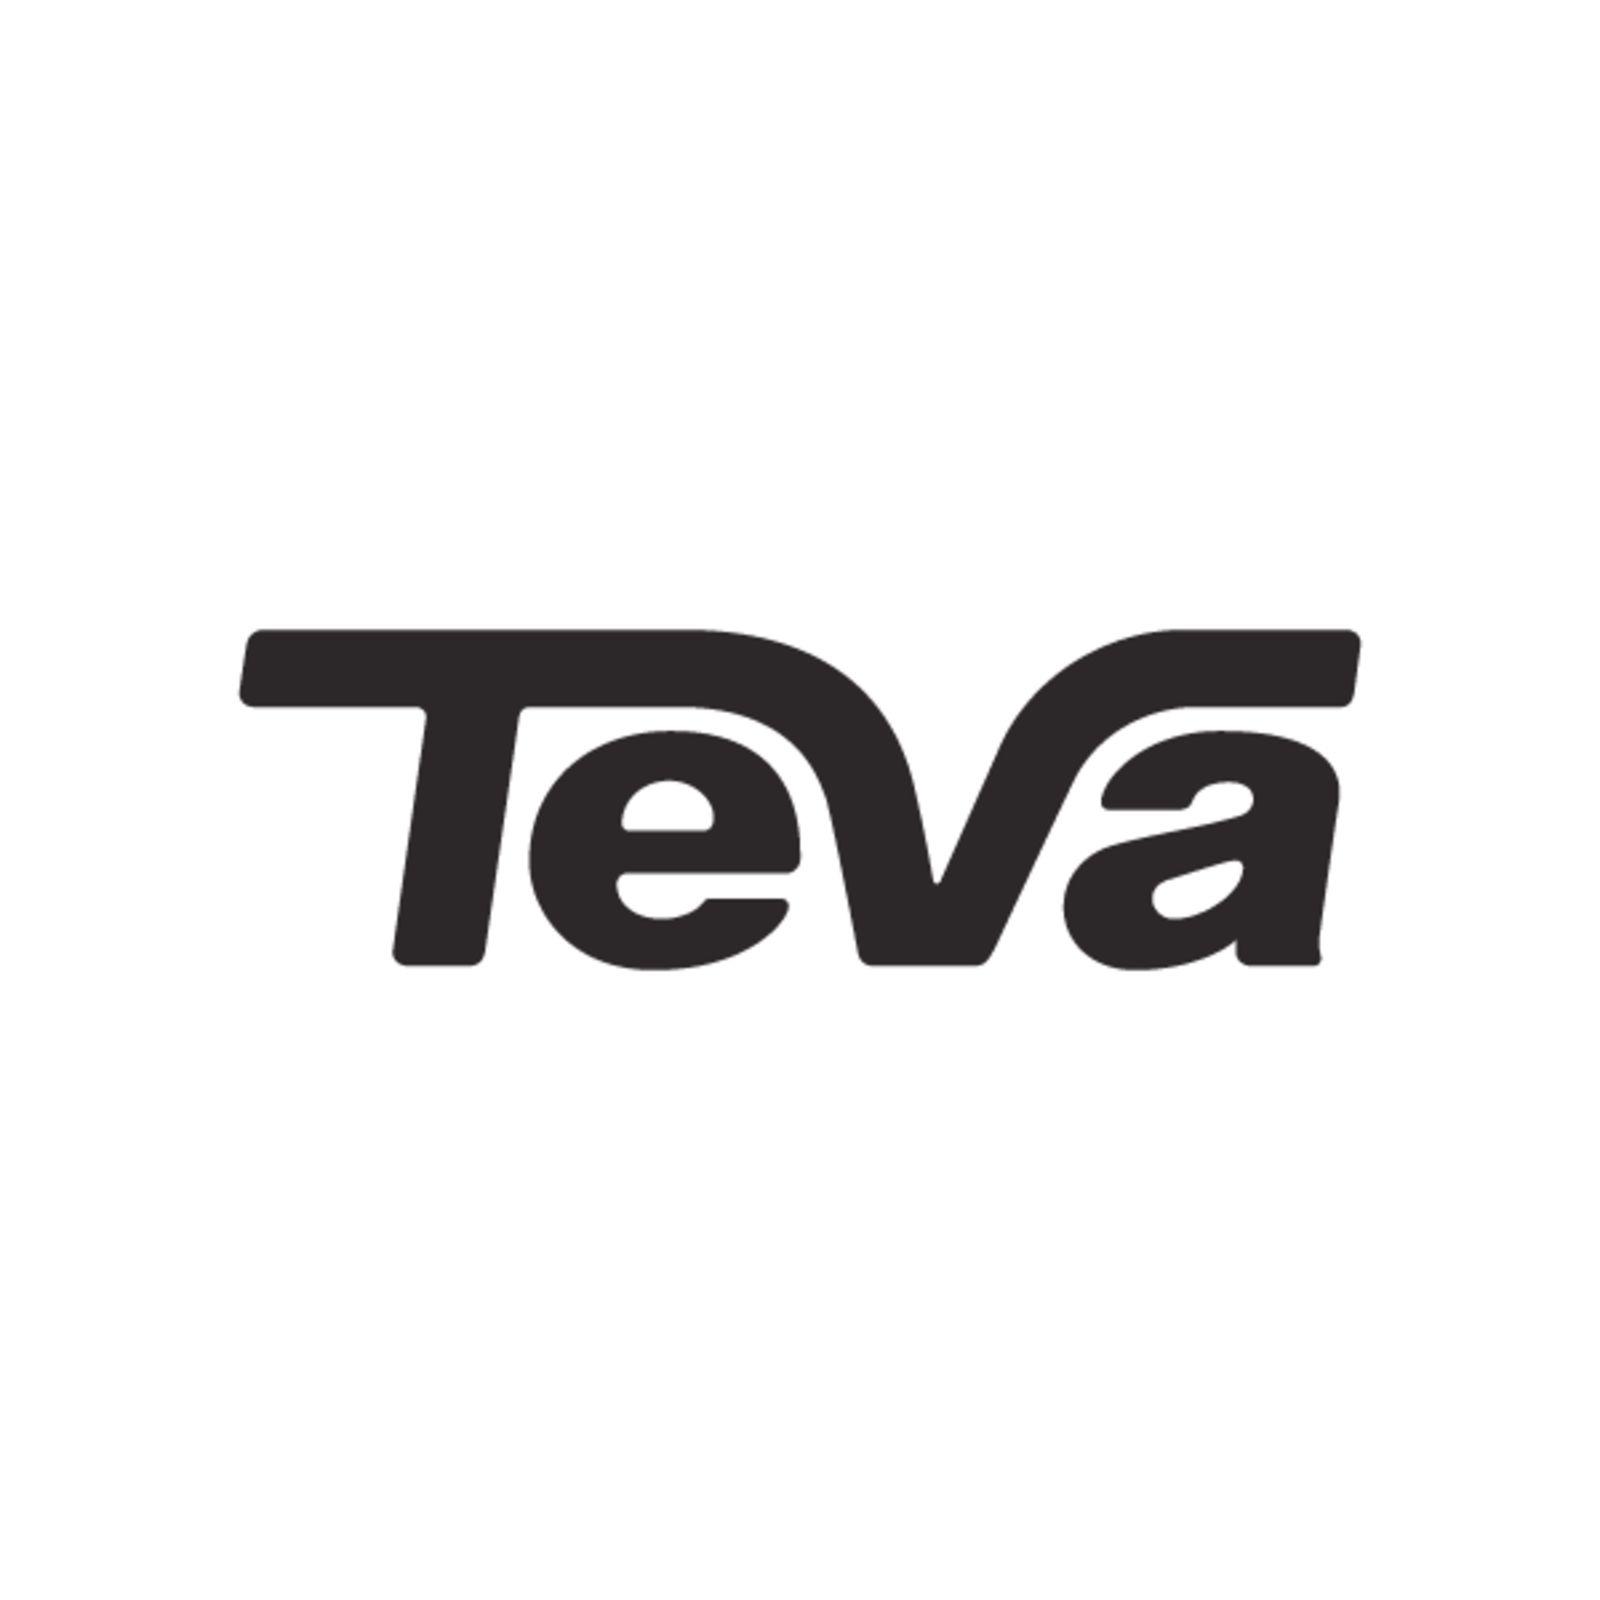 Teva® (Image 1)